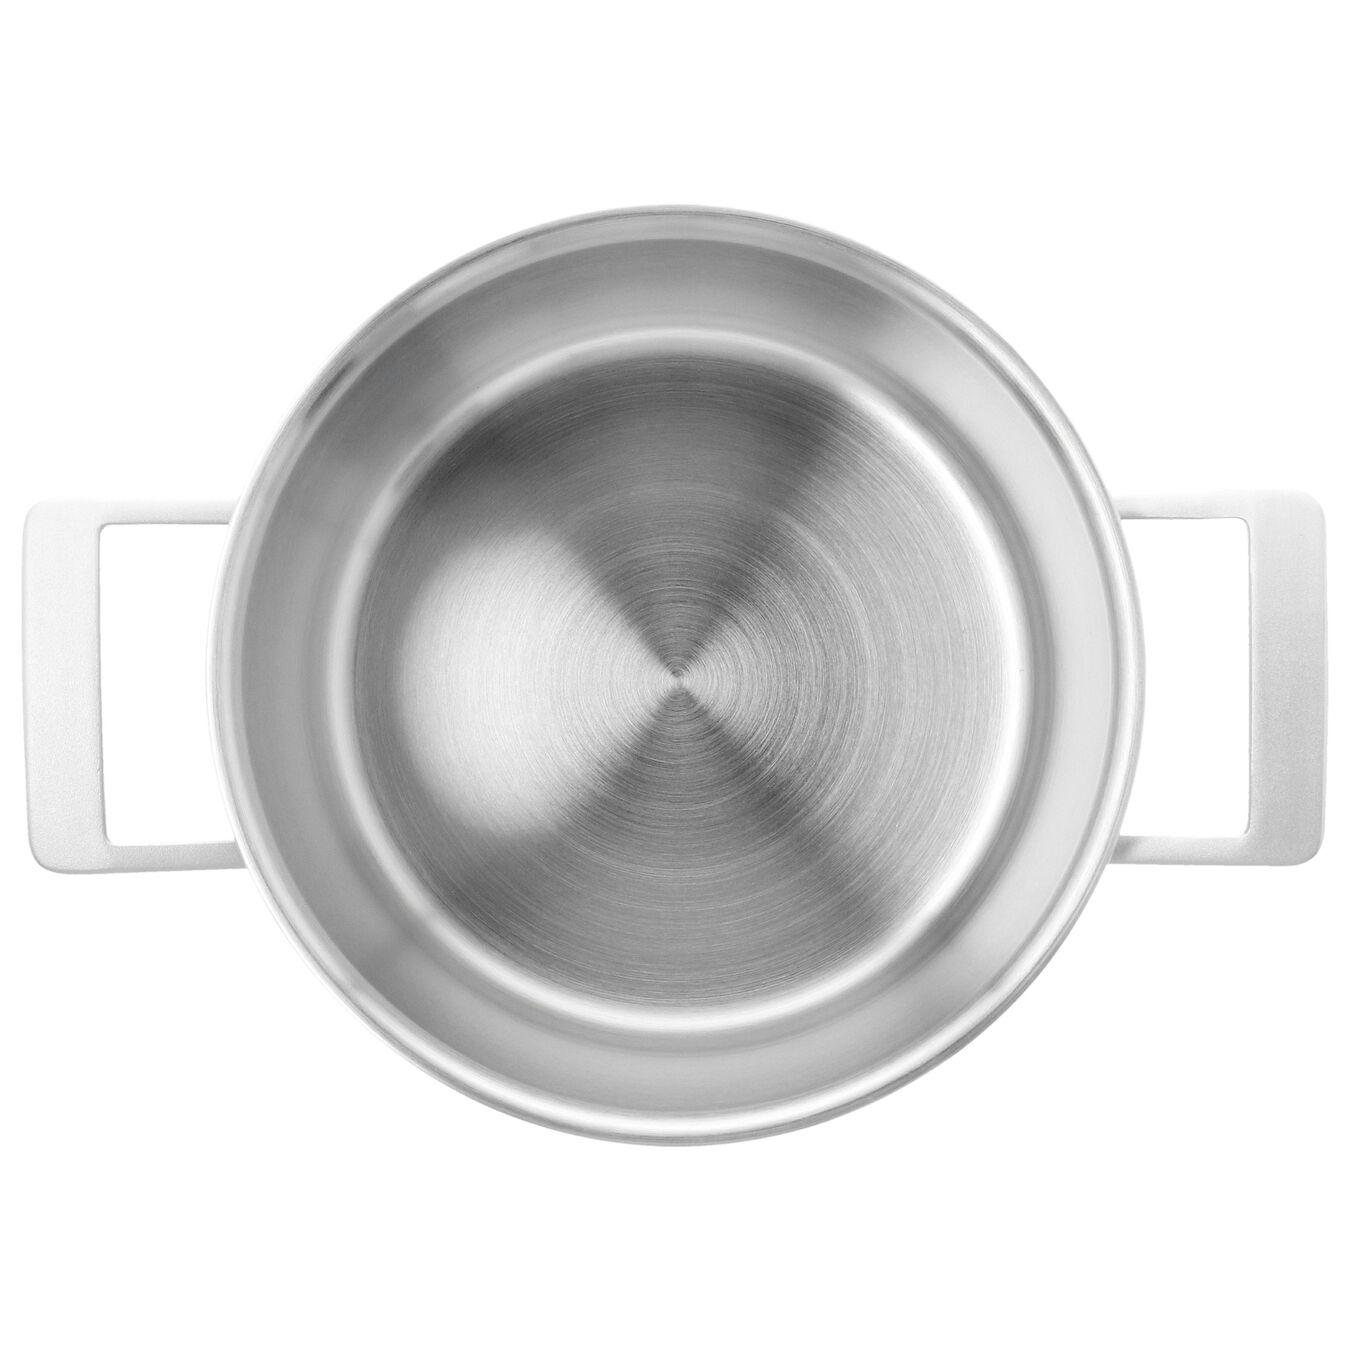 Pentola con coperchio - 24 cm, 18/10 Acciaio inossidabile,,large 4